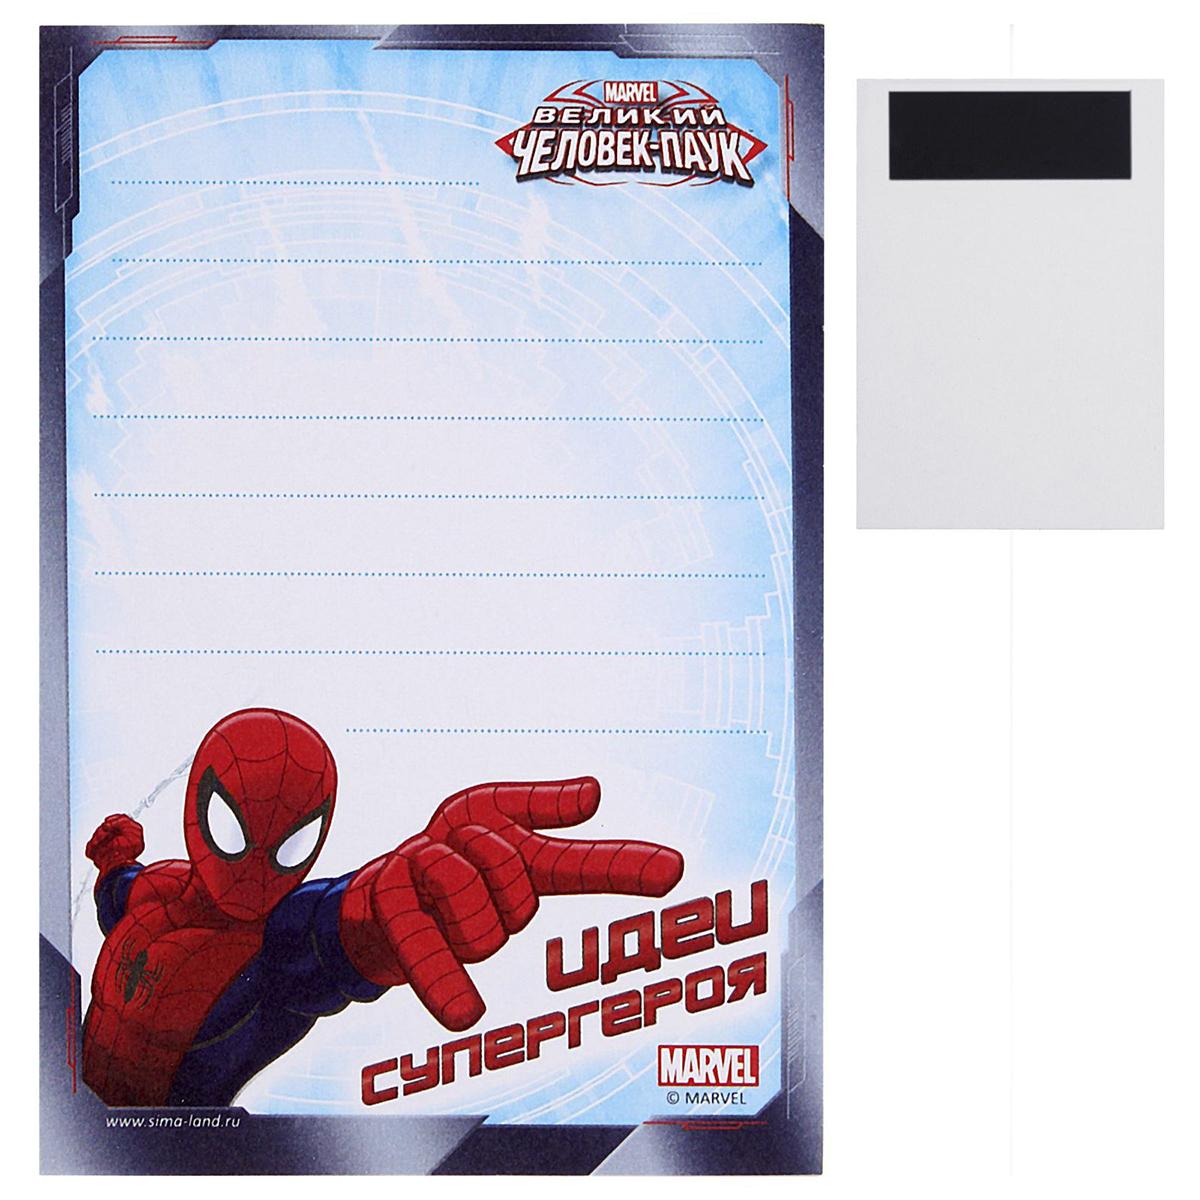 Marvel Блок для записей Идеи супергероя 10 x 18 см 40 листов1128260Перед вами эксклюзивный блок для записей с отрывными листами на небольшом магните.Этот бумажный блок можно повесить на холодильник, и писать на листочках с изображением любимых персонажей MARVEL важные заметки или милые пожелания своим близким.Канцтовары должны приносить пользу и радовать глаз. Блок для записей успешно справится с этими задачами.